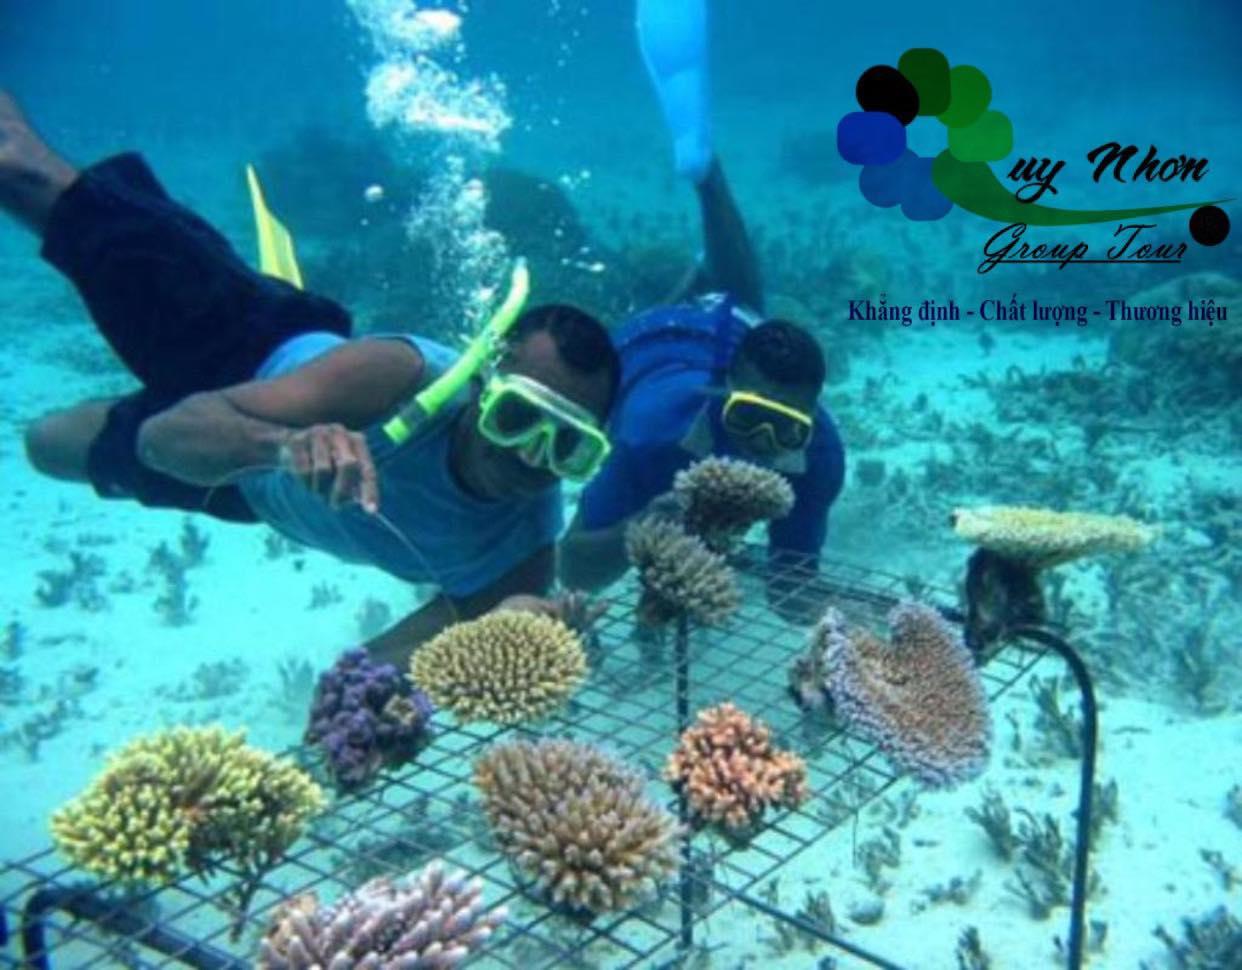 TOUR GHÉP 2 ĐẢO QUY NHƠN 1 NGÀY:  Kỳ Co – Hòn Khô – kết hợp Lặn ngắm san hô – Eo Gió